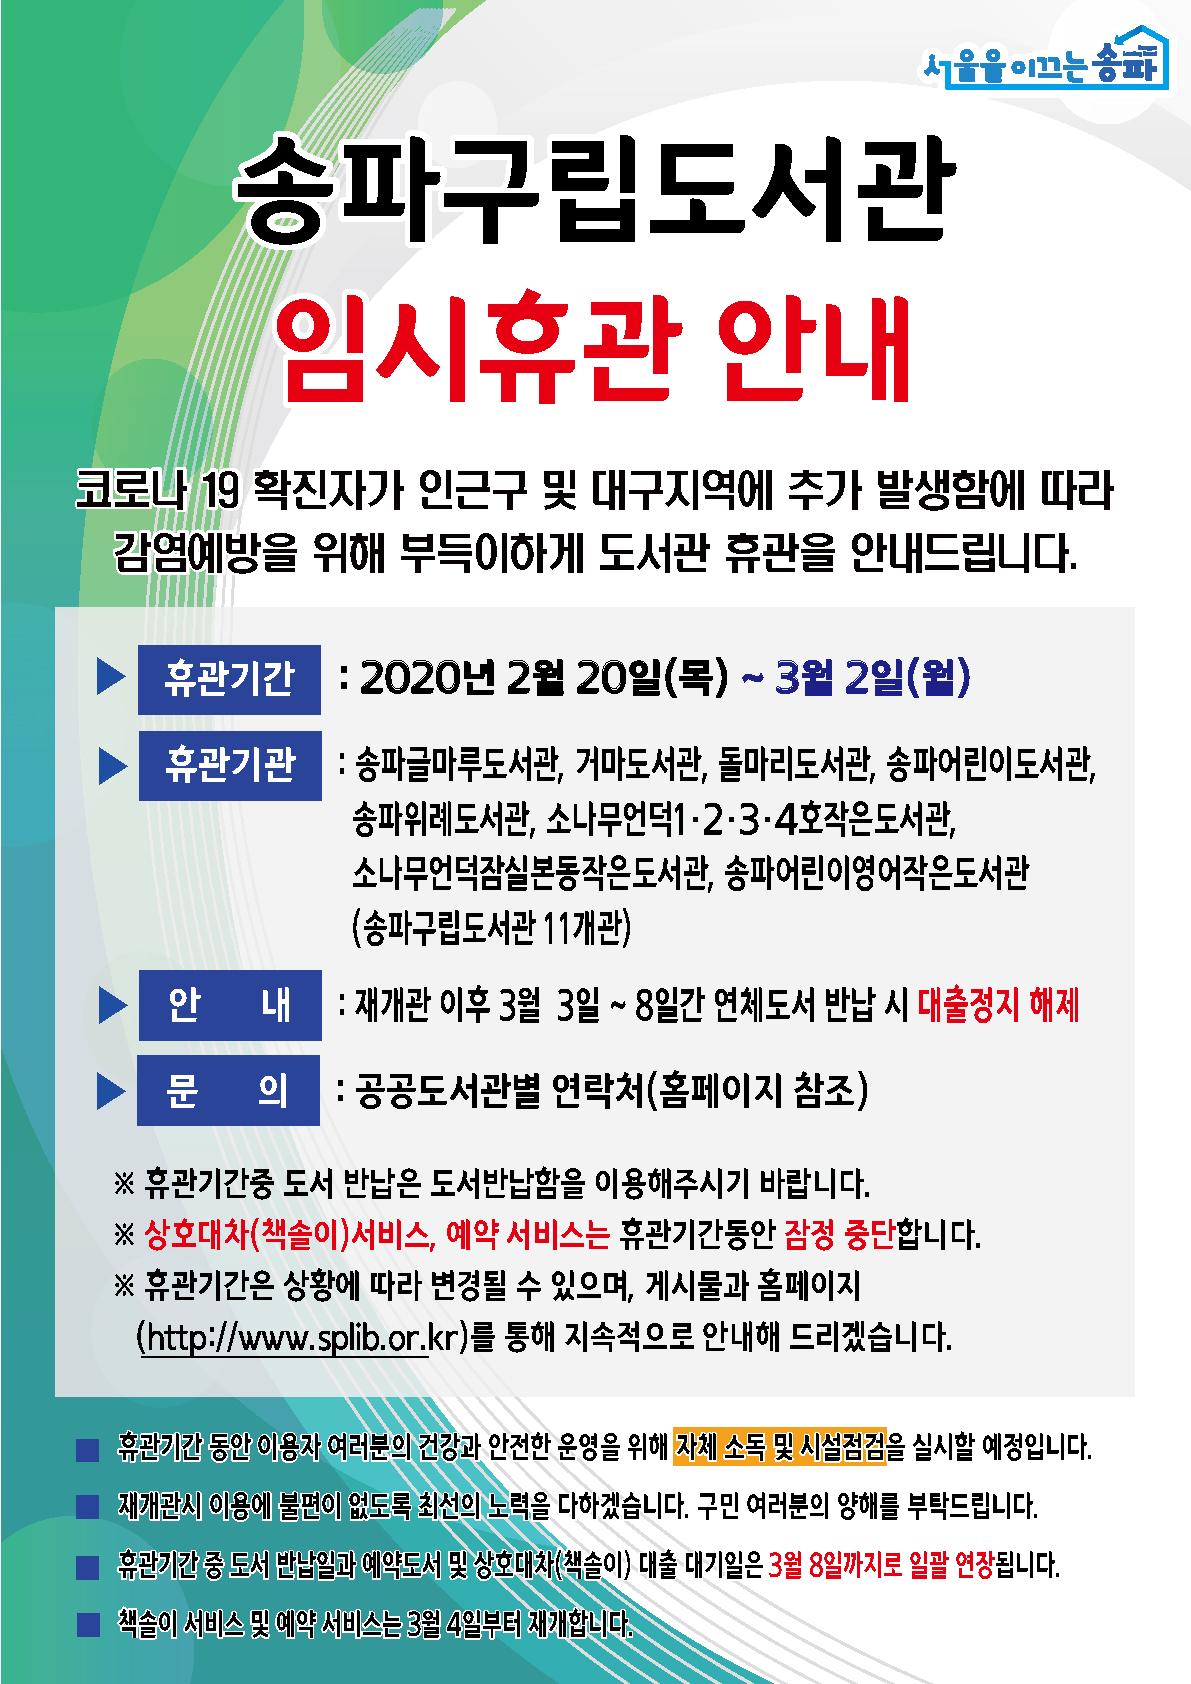 1.구립도서관 11개소_임시휴관 안내문(~3.2.).jpg